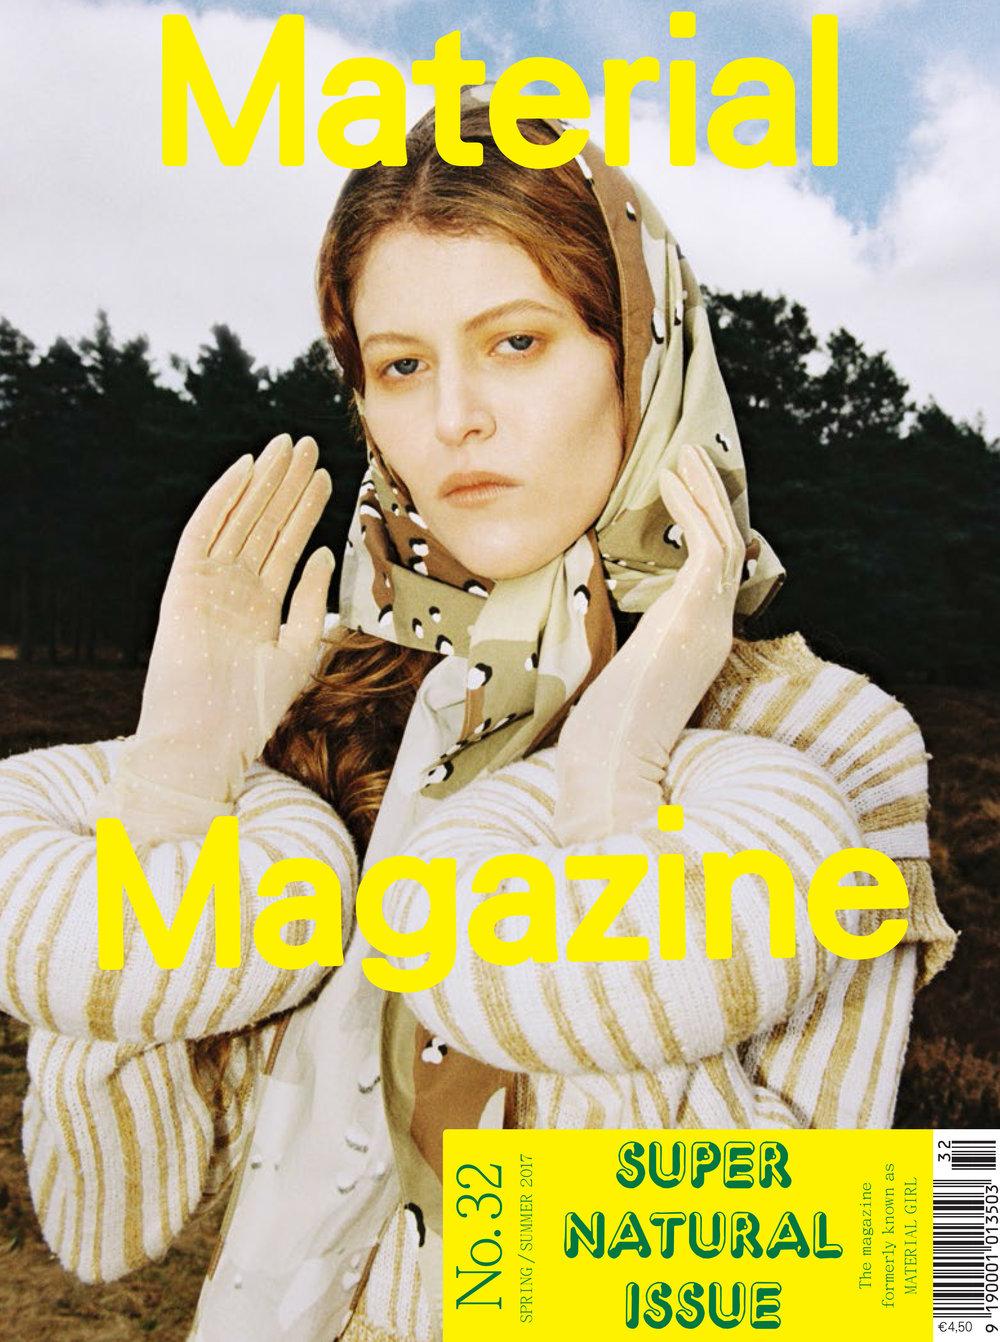 01_Cover_1.jpg